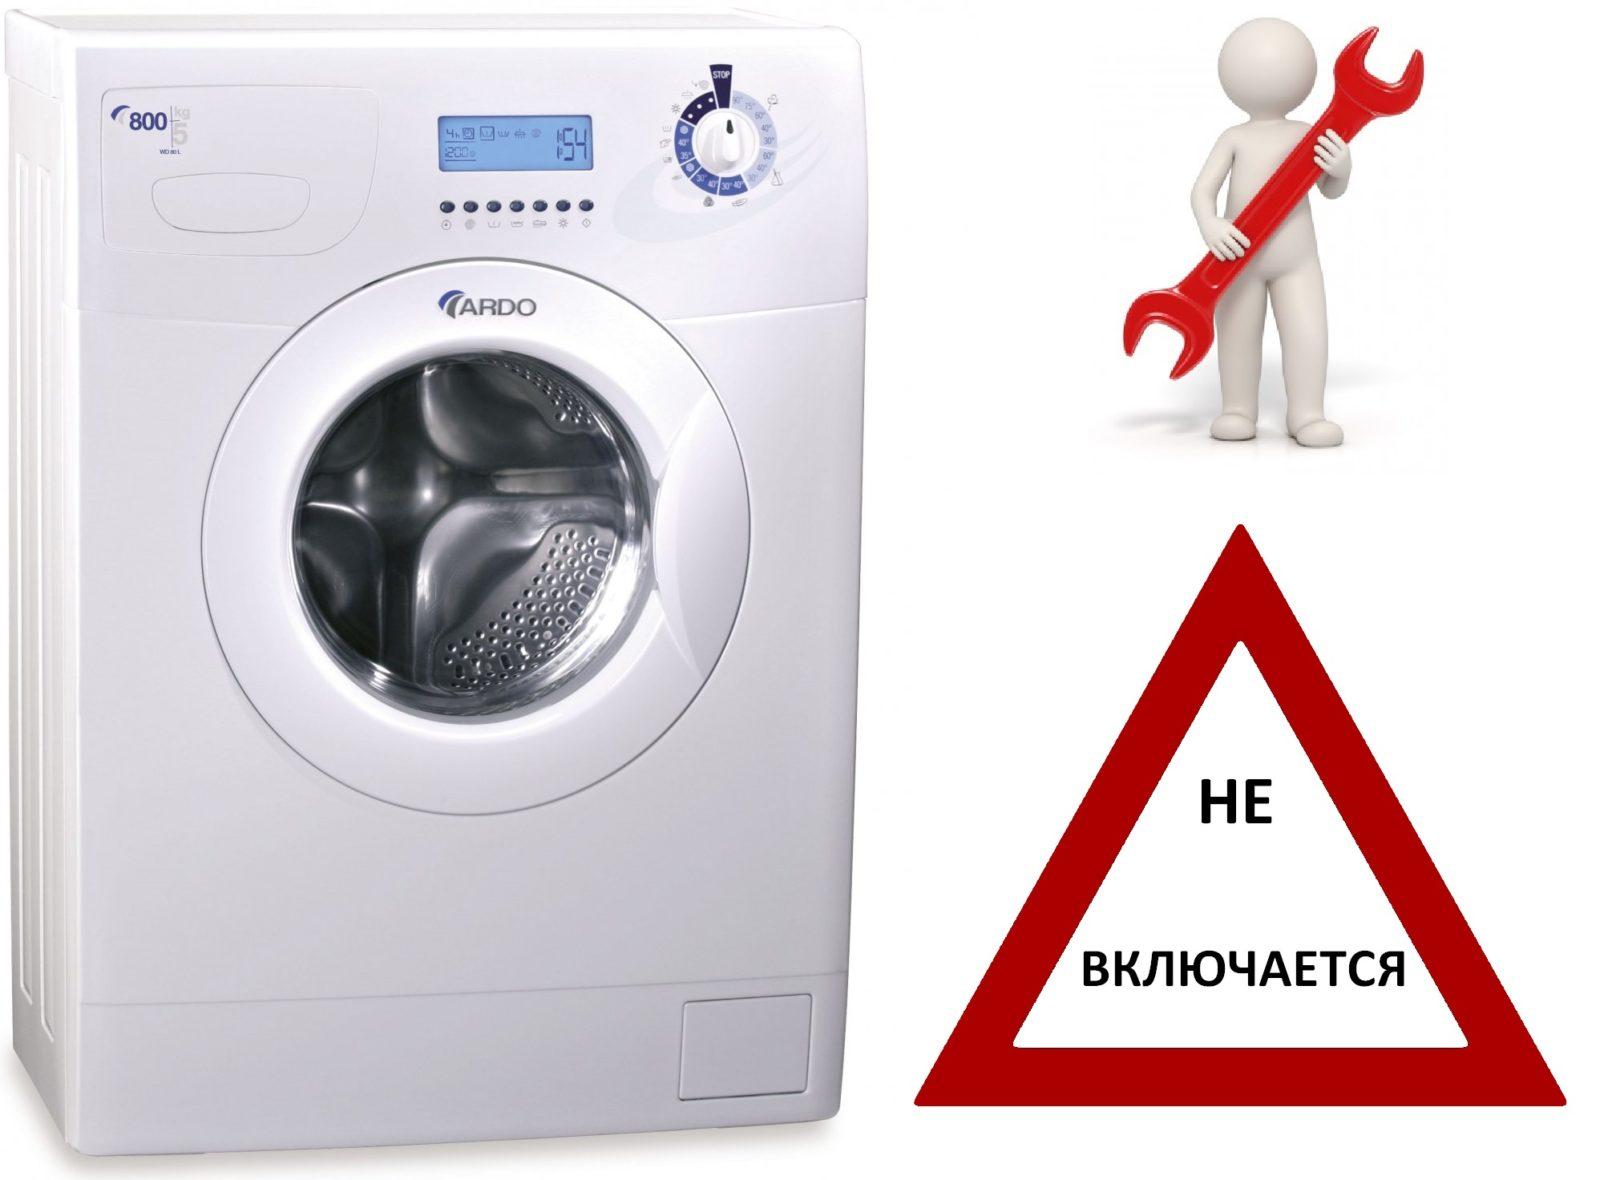 Пералнята Ardo не се включва